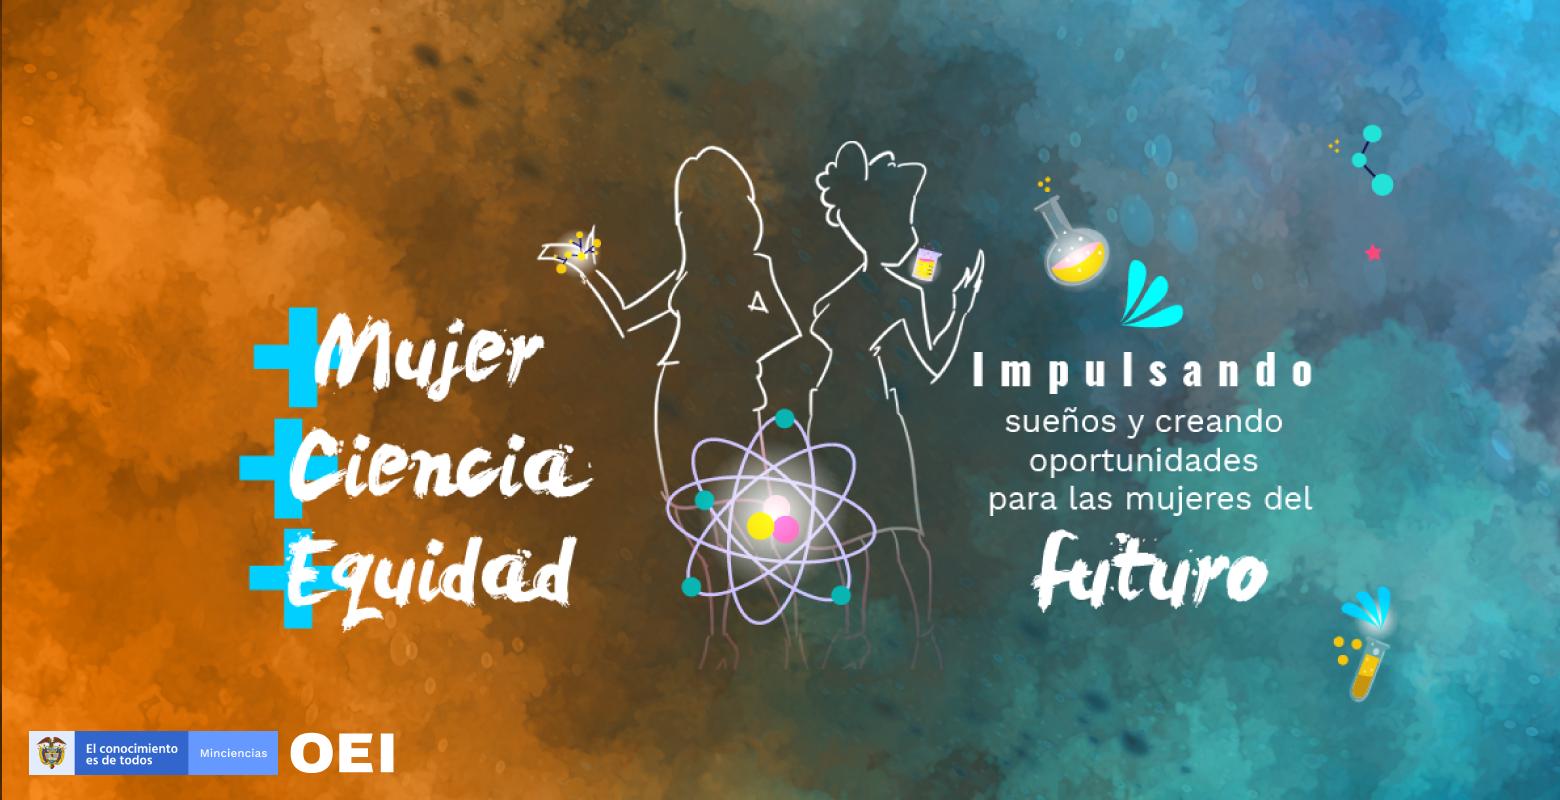 Mujer Konradista: Inscríbete en el Programa + Mujer + Ciencia + Equidad